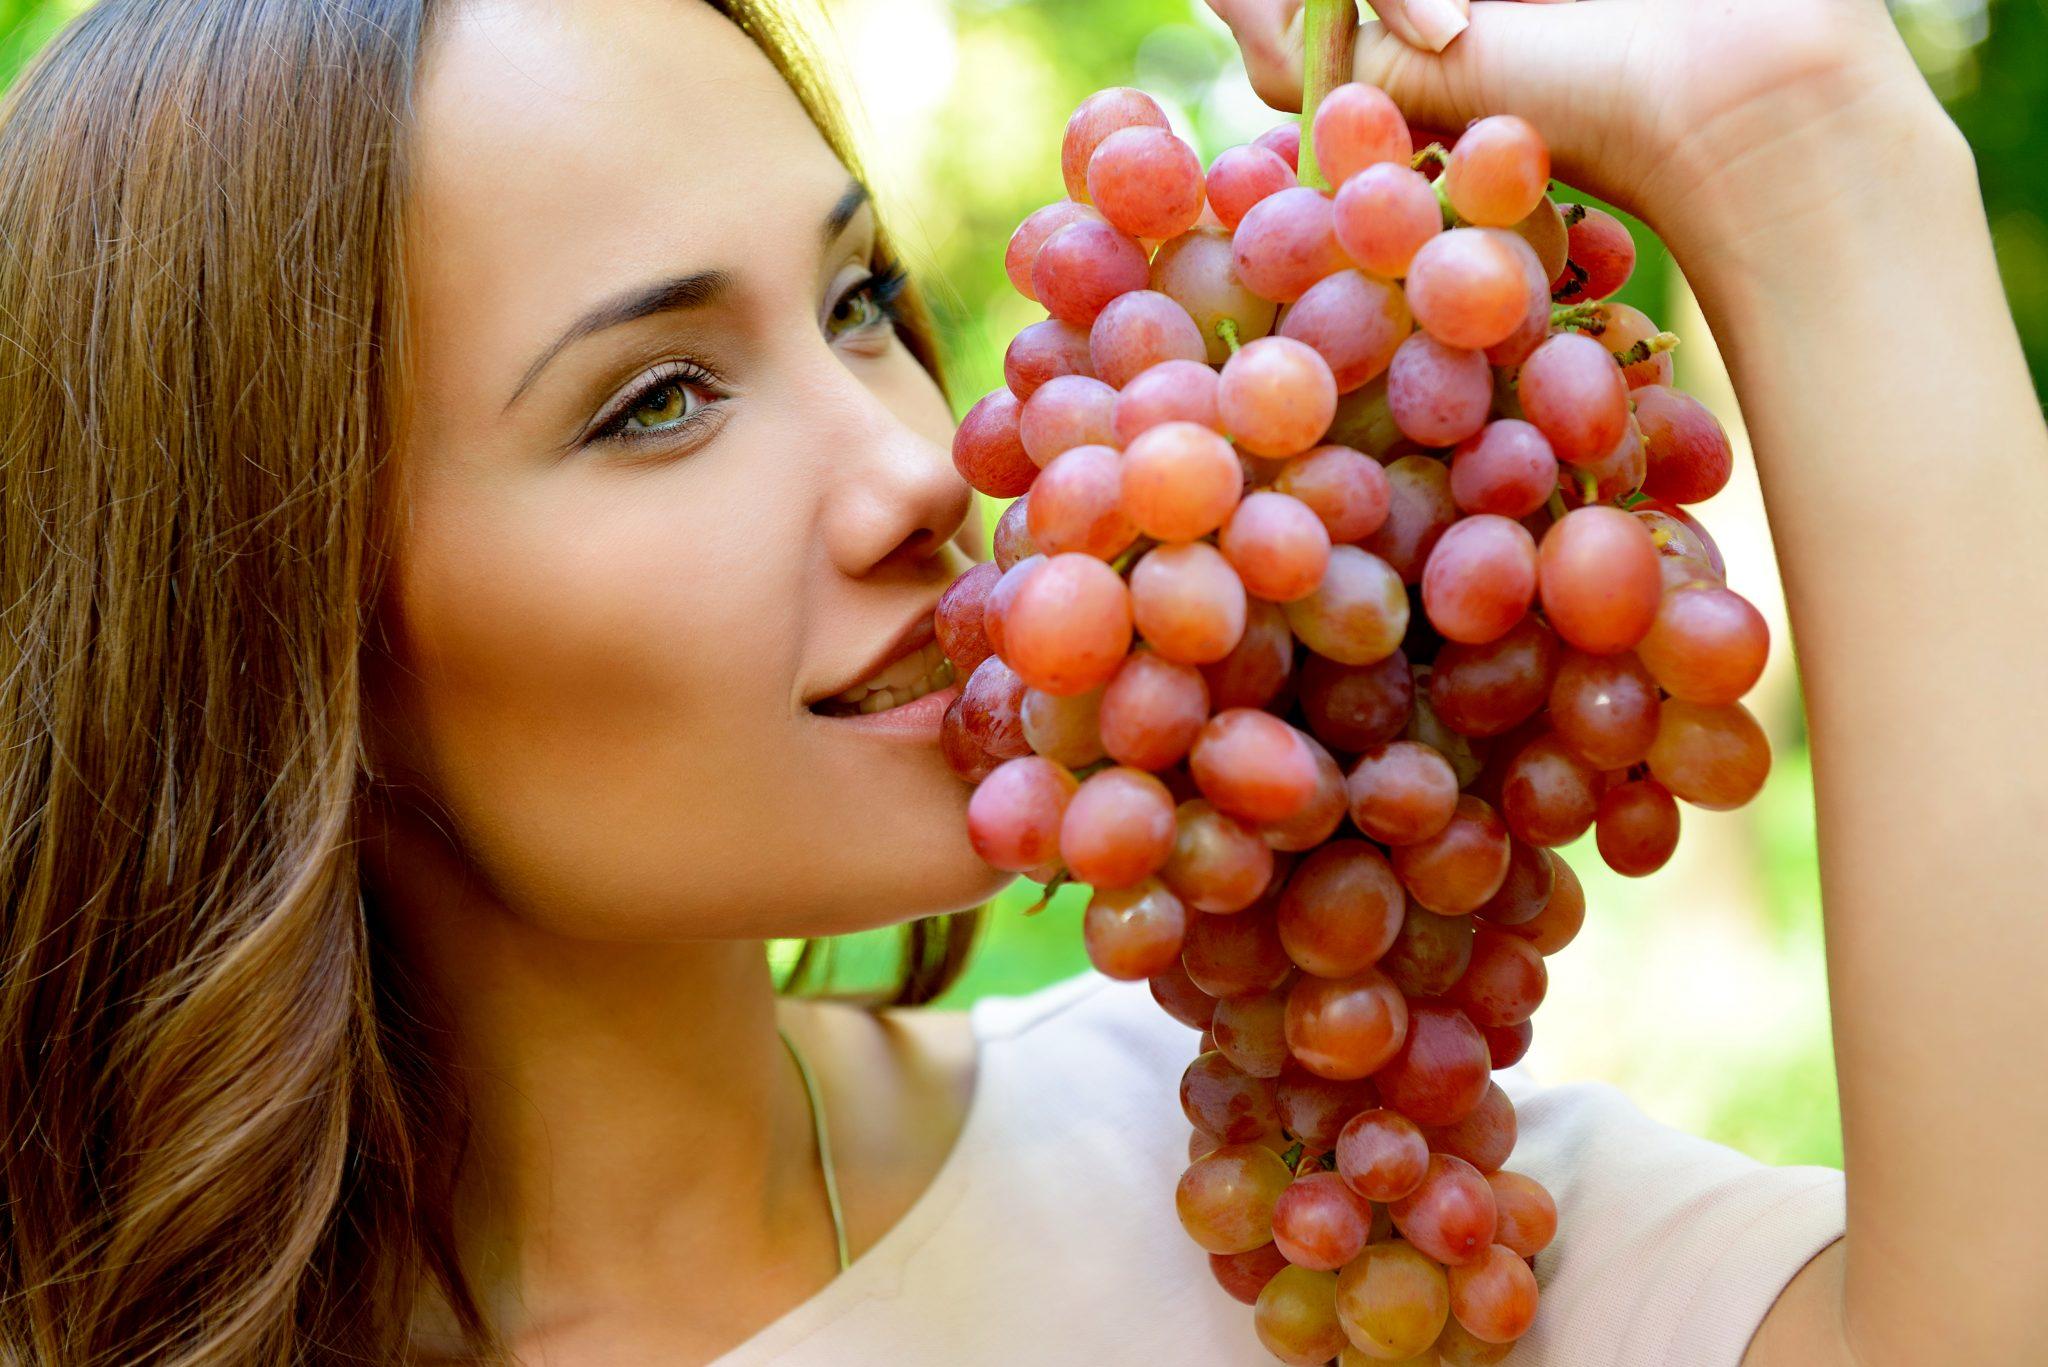 綺麗な女性がブドウを食べている